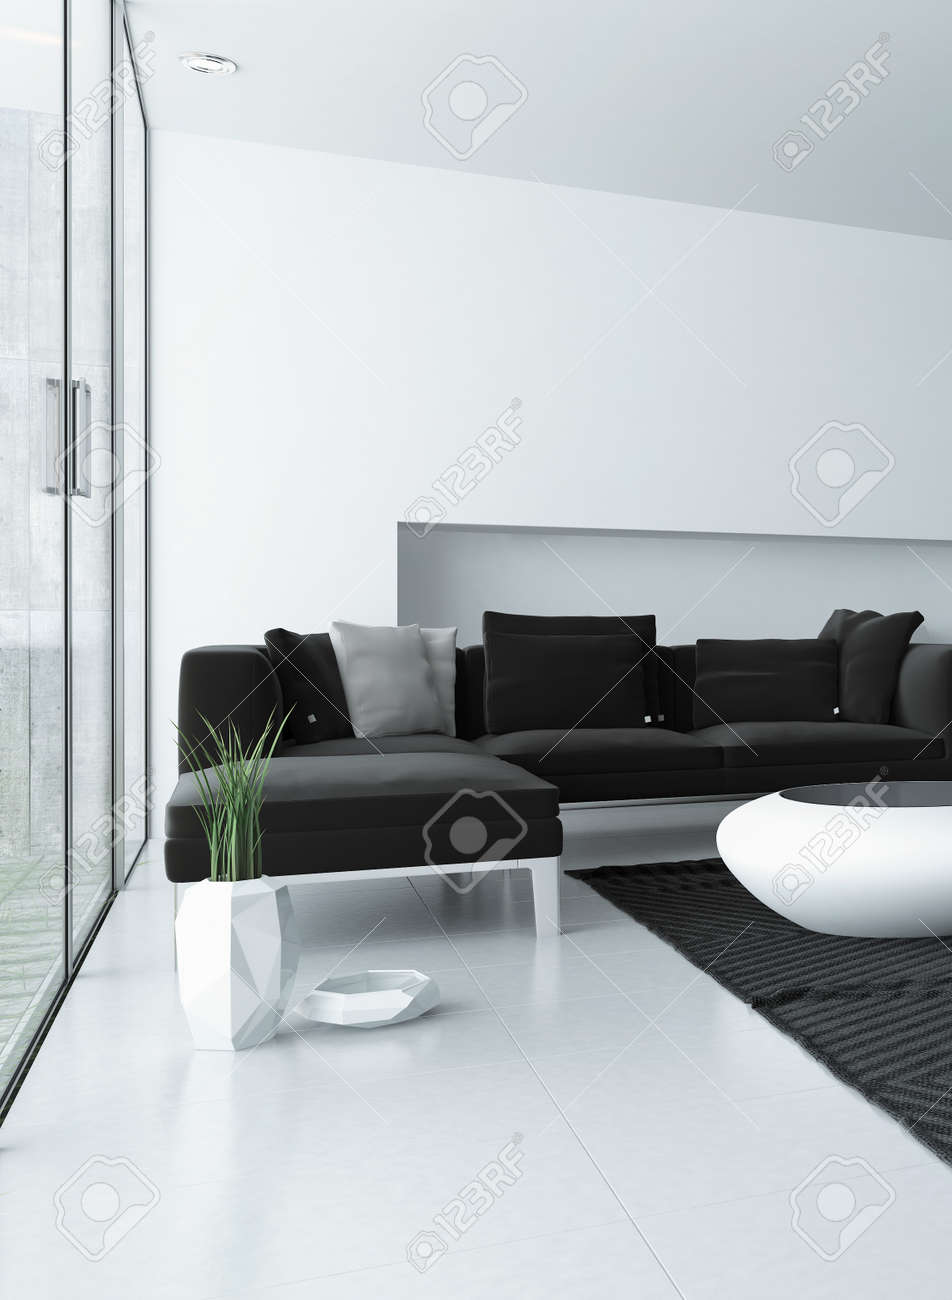 Soggiorno Moderno Con Arredamento Grigio E Bianco E Una Suite ...